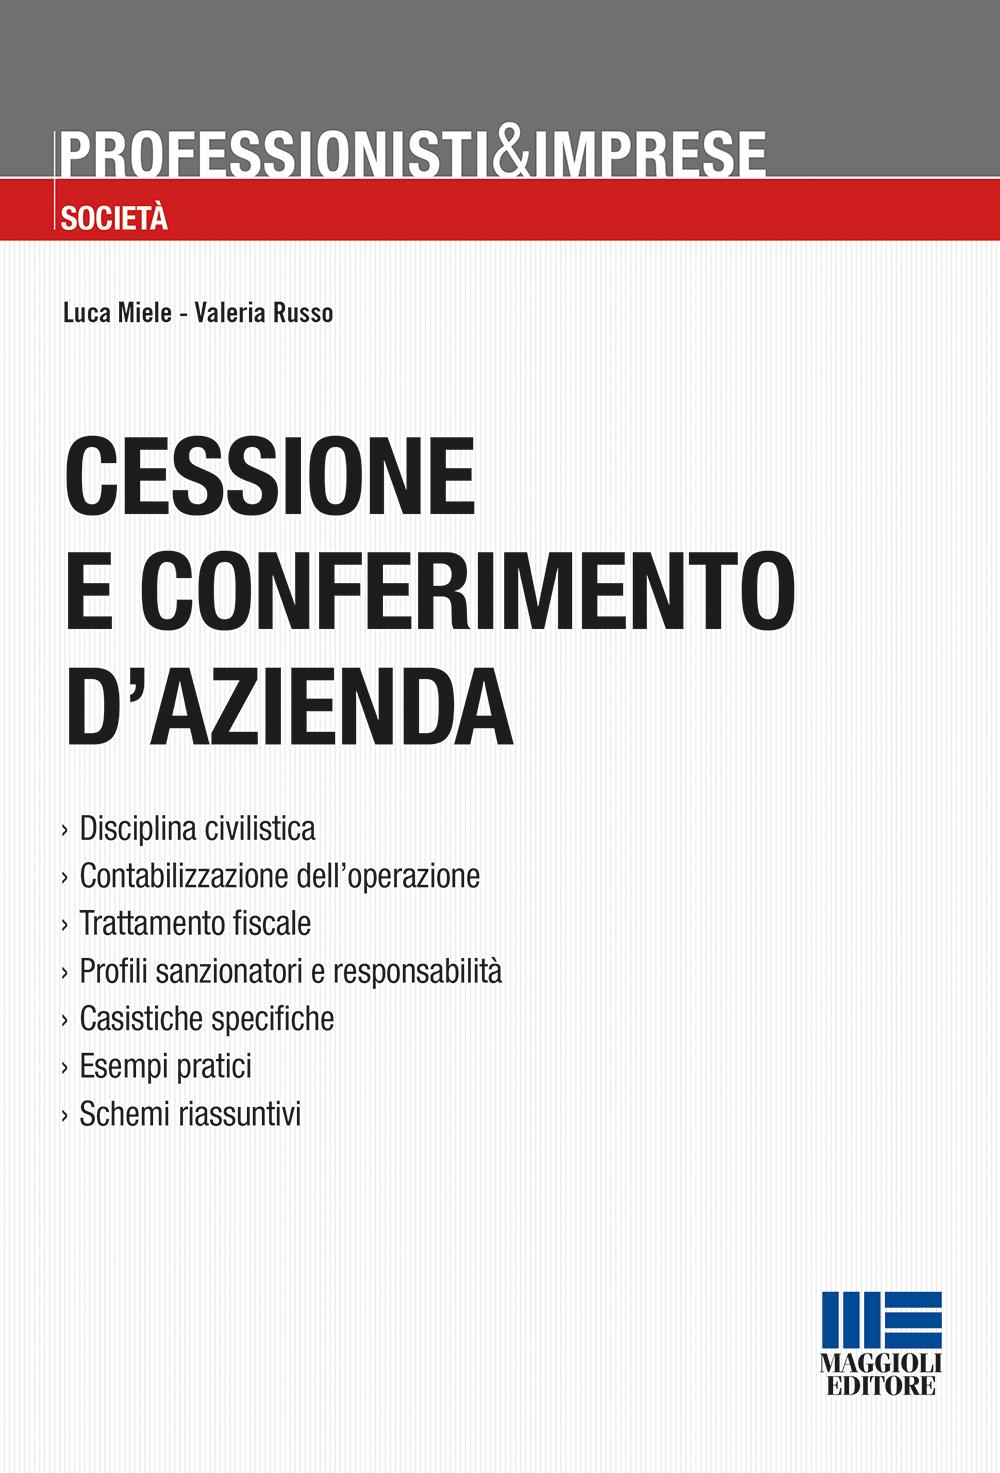 Cessione e conferimento d'azienda - Libro